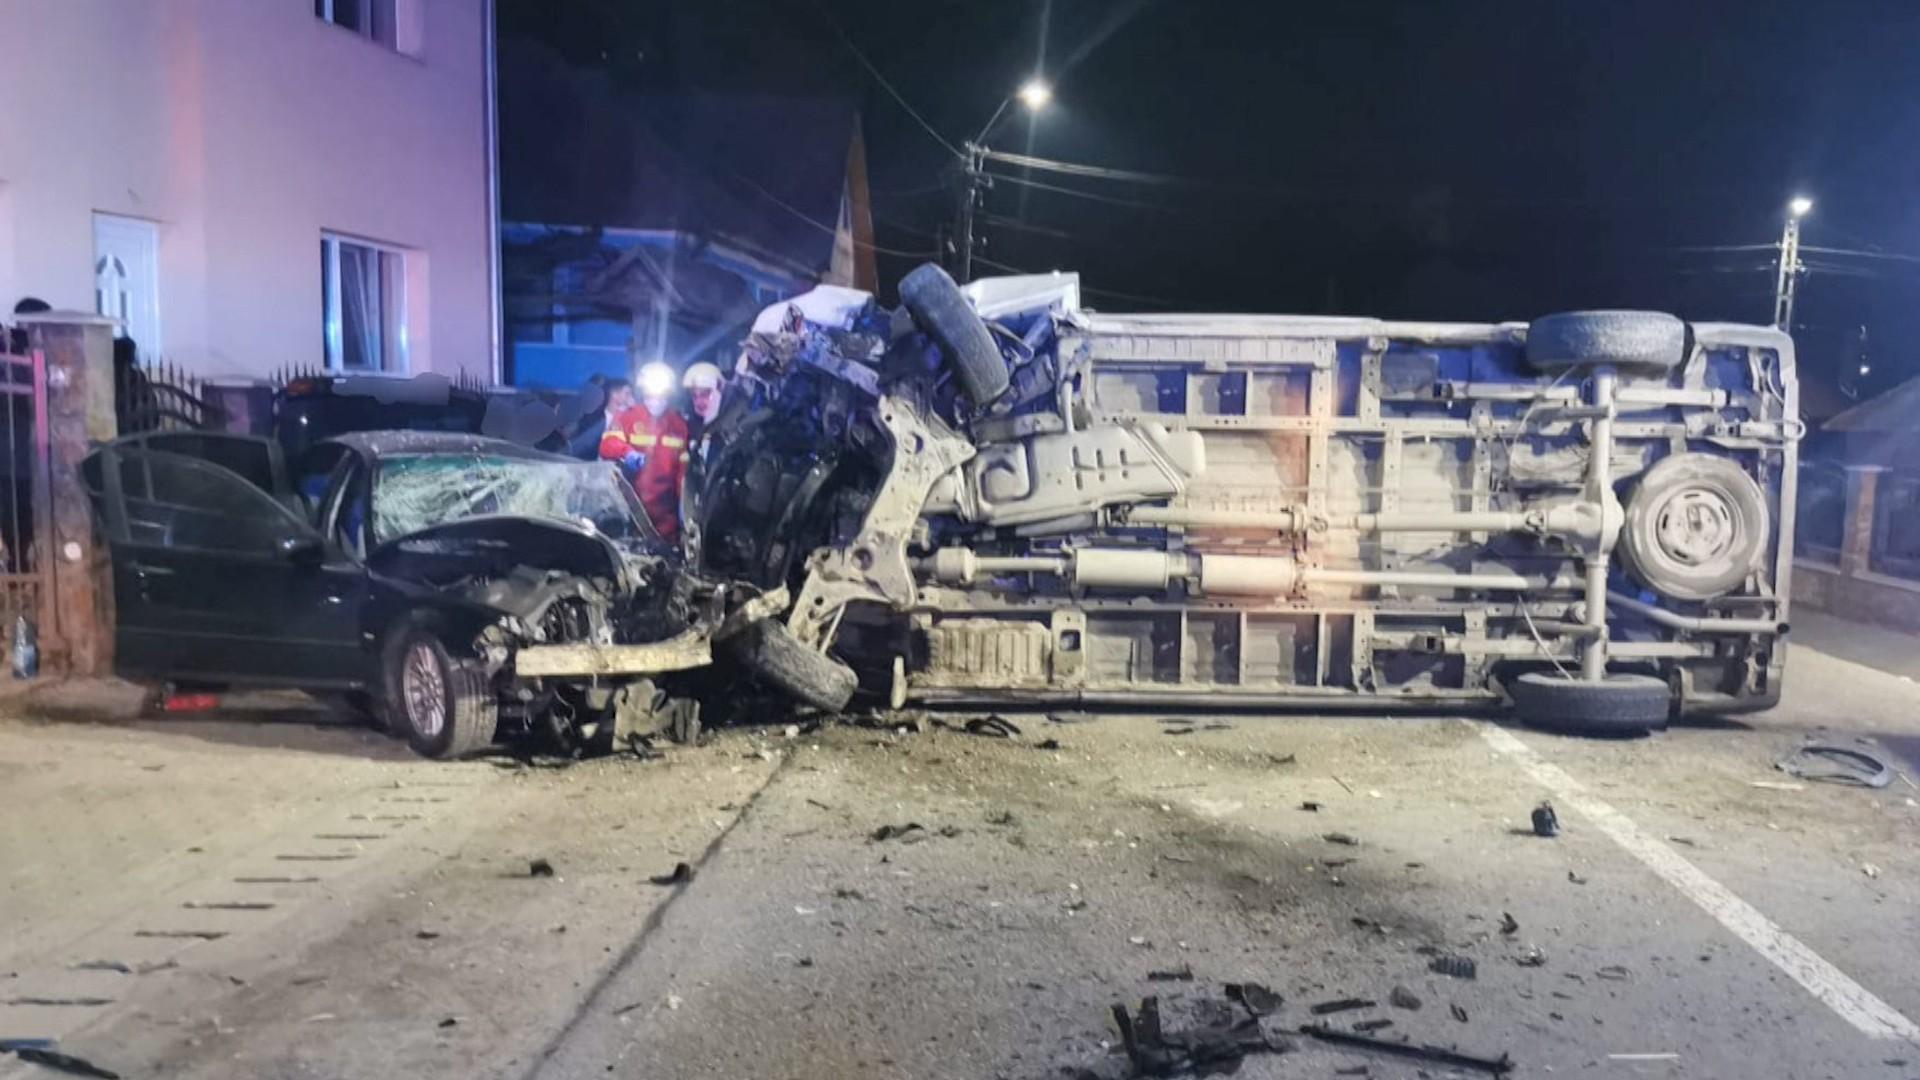 Impact teribil pe DN 17D, în Bistriţa-Năsăud. O maşină, un microbuz şi un atelaj s-au ciocnit violent şi s-au făcut zob